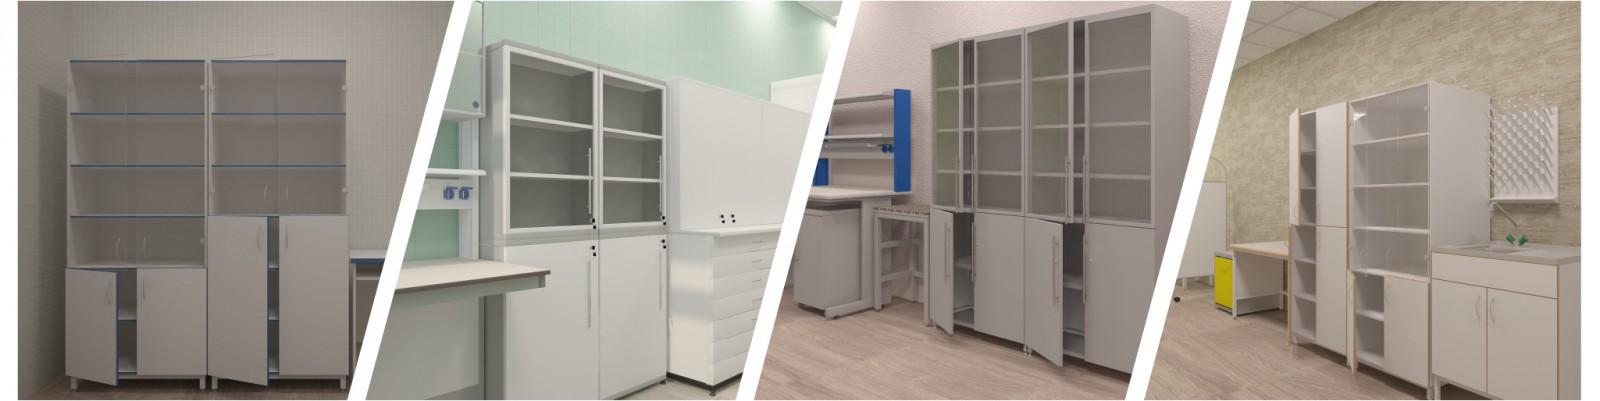 Современная лаборатория. Подбор лабораторных шкафов